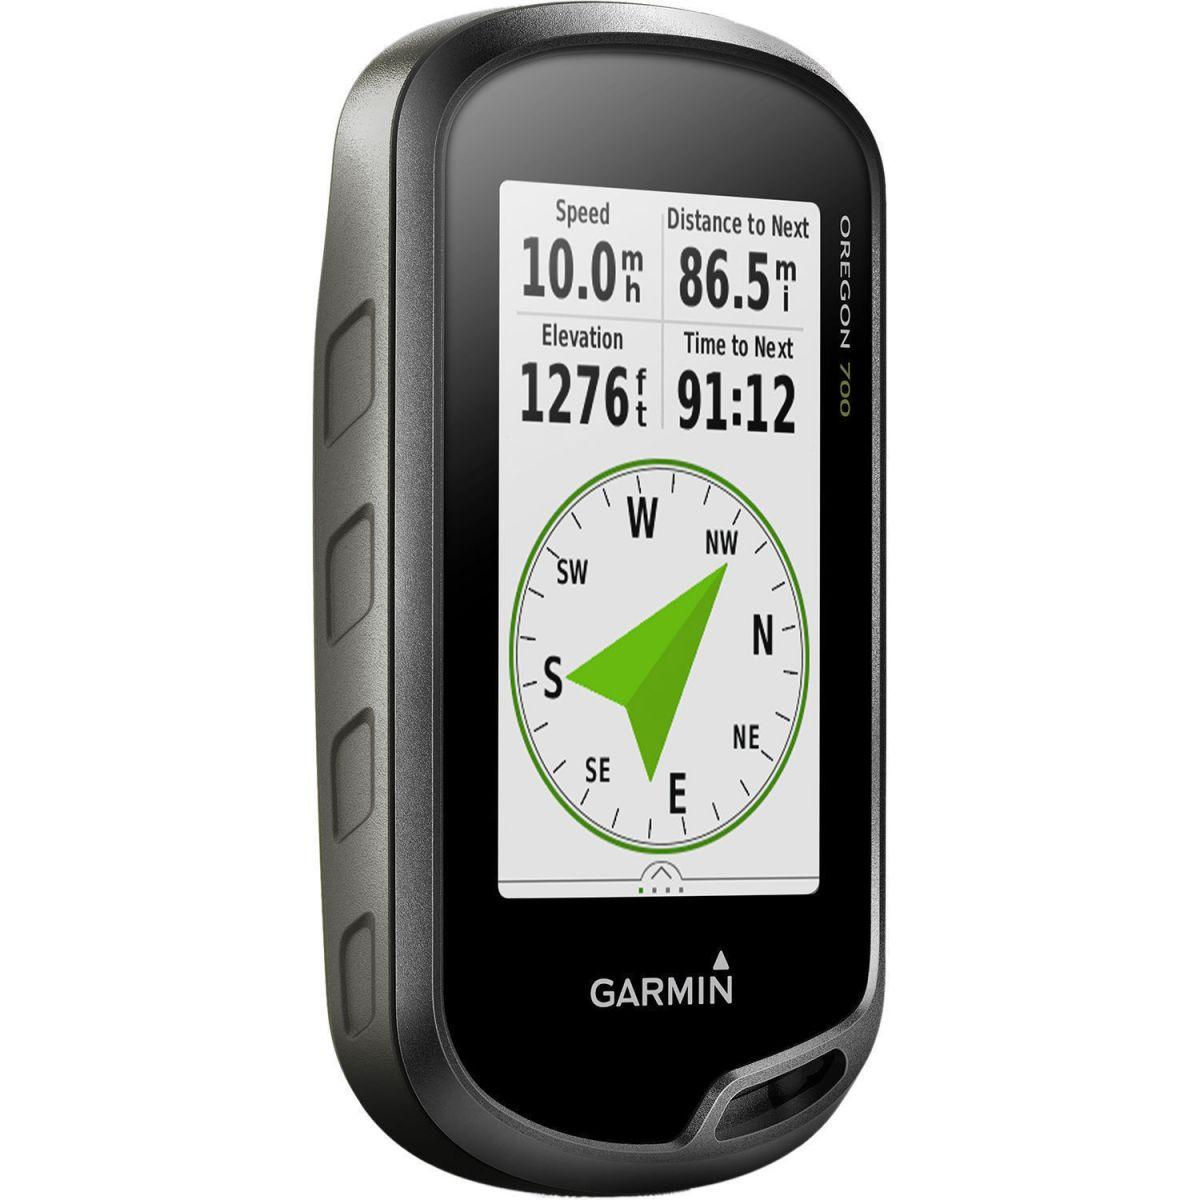 Gps Garmin Oregon 700 Wifi integrado Brindes Mapa Rodoviario America do Sul + Topografico Brasil